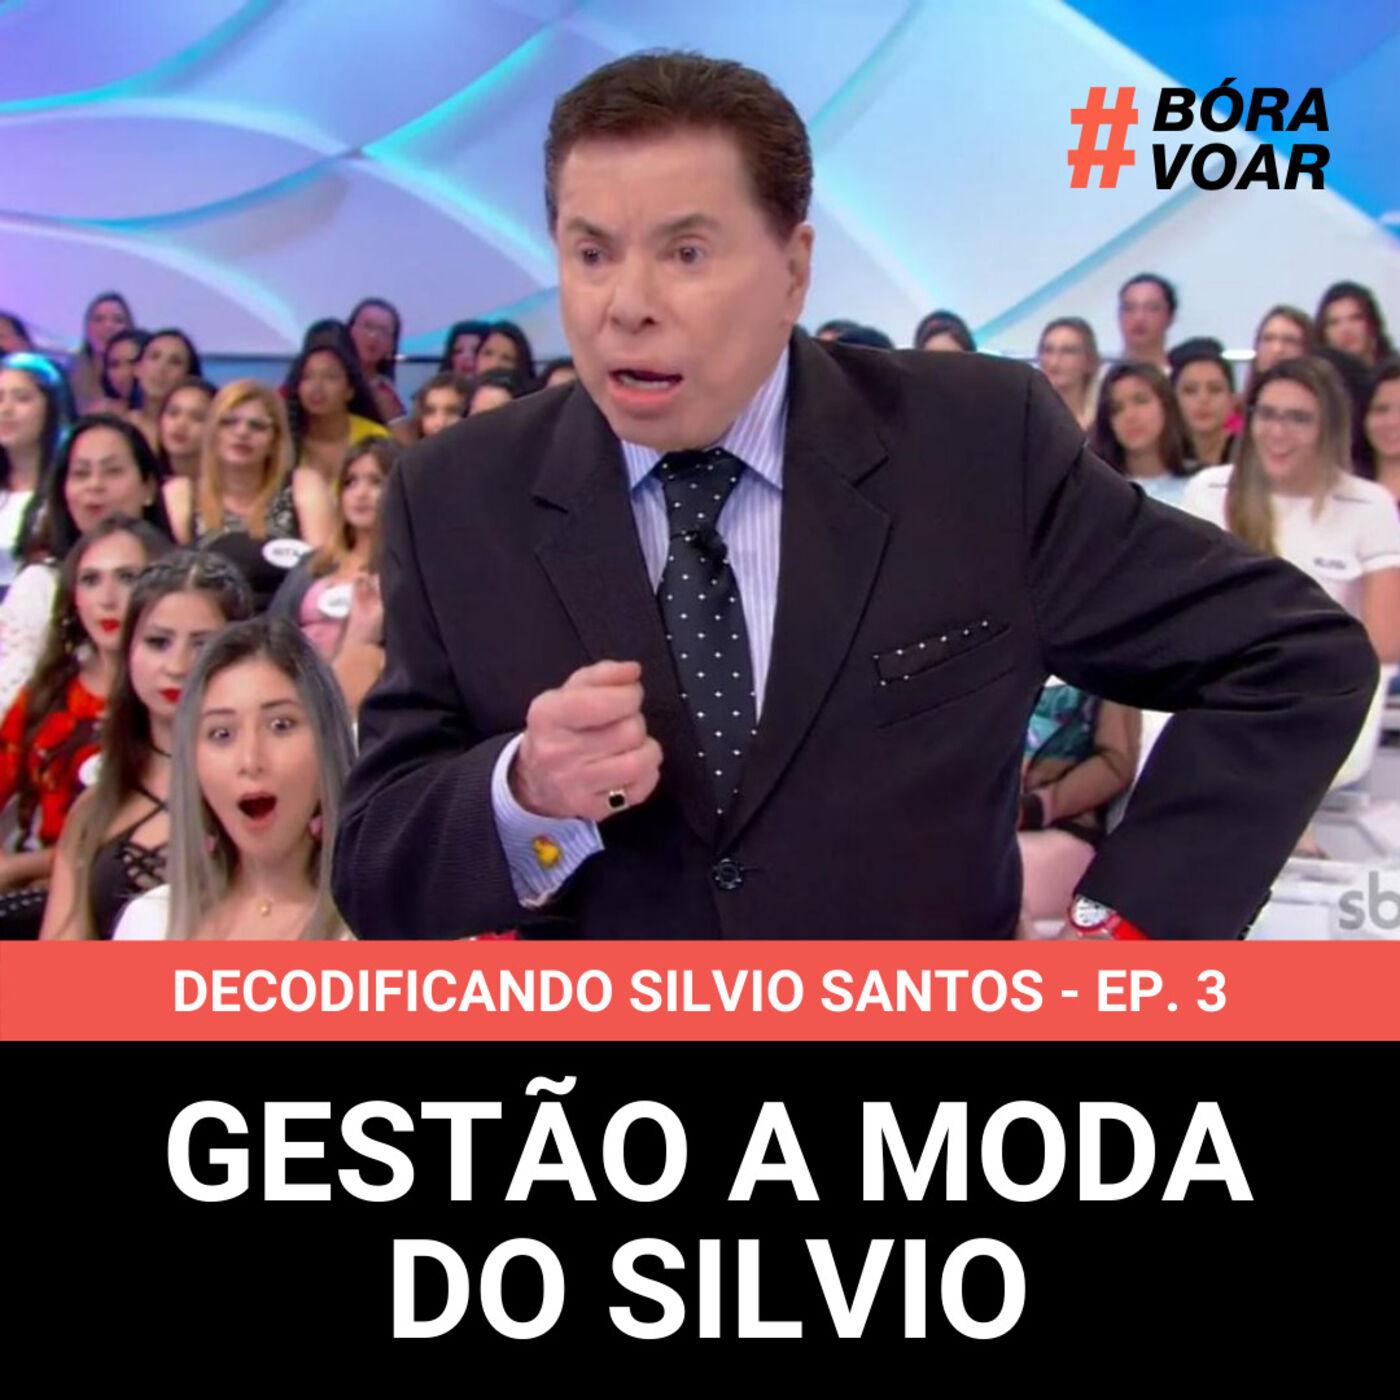 Gestão a moda do Silvio - Decodificando Silvio Santos - Episódio 3